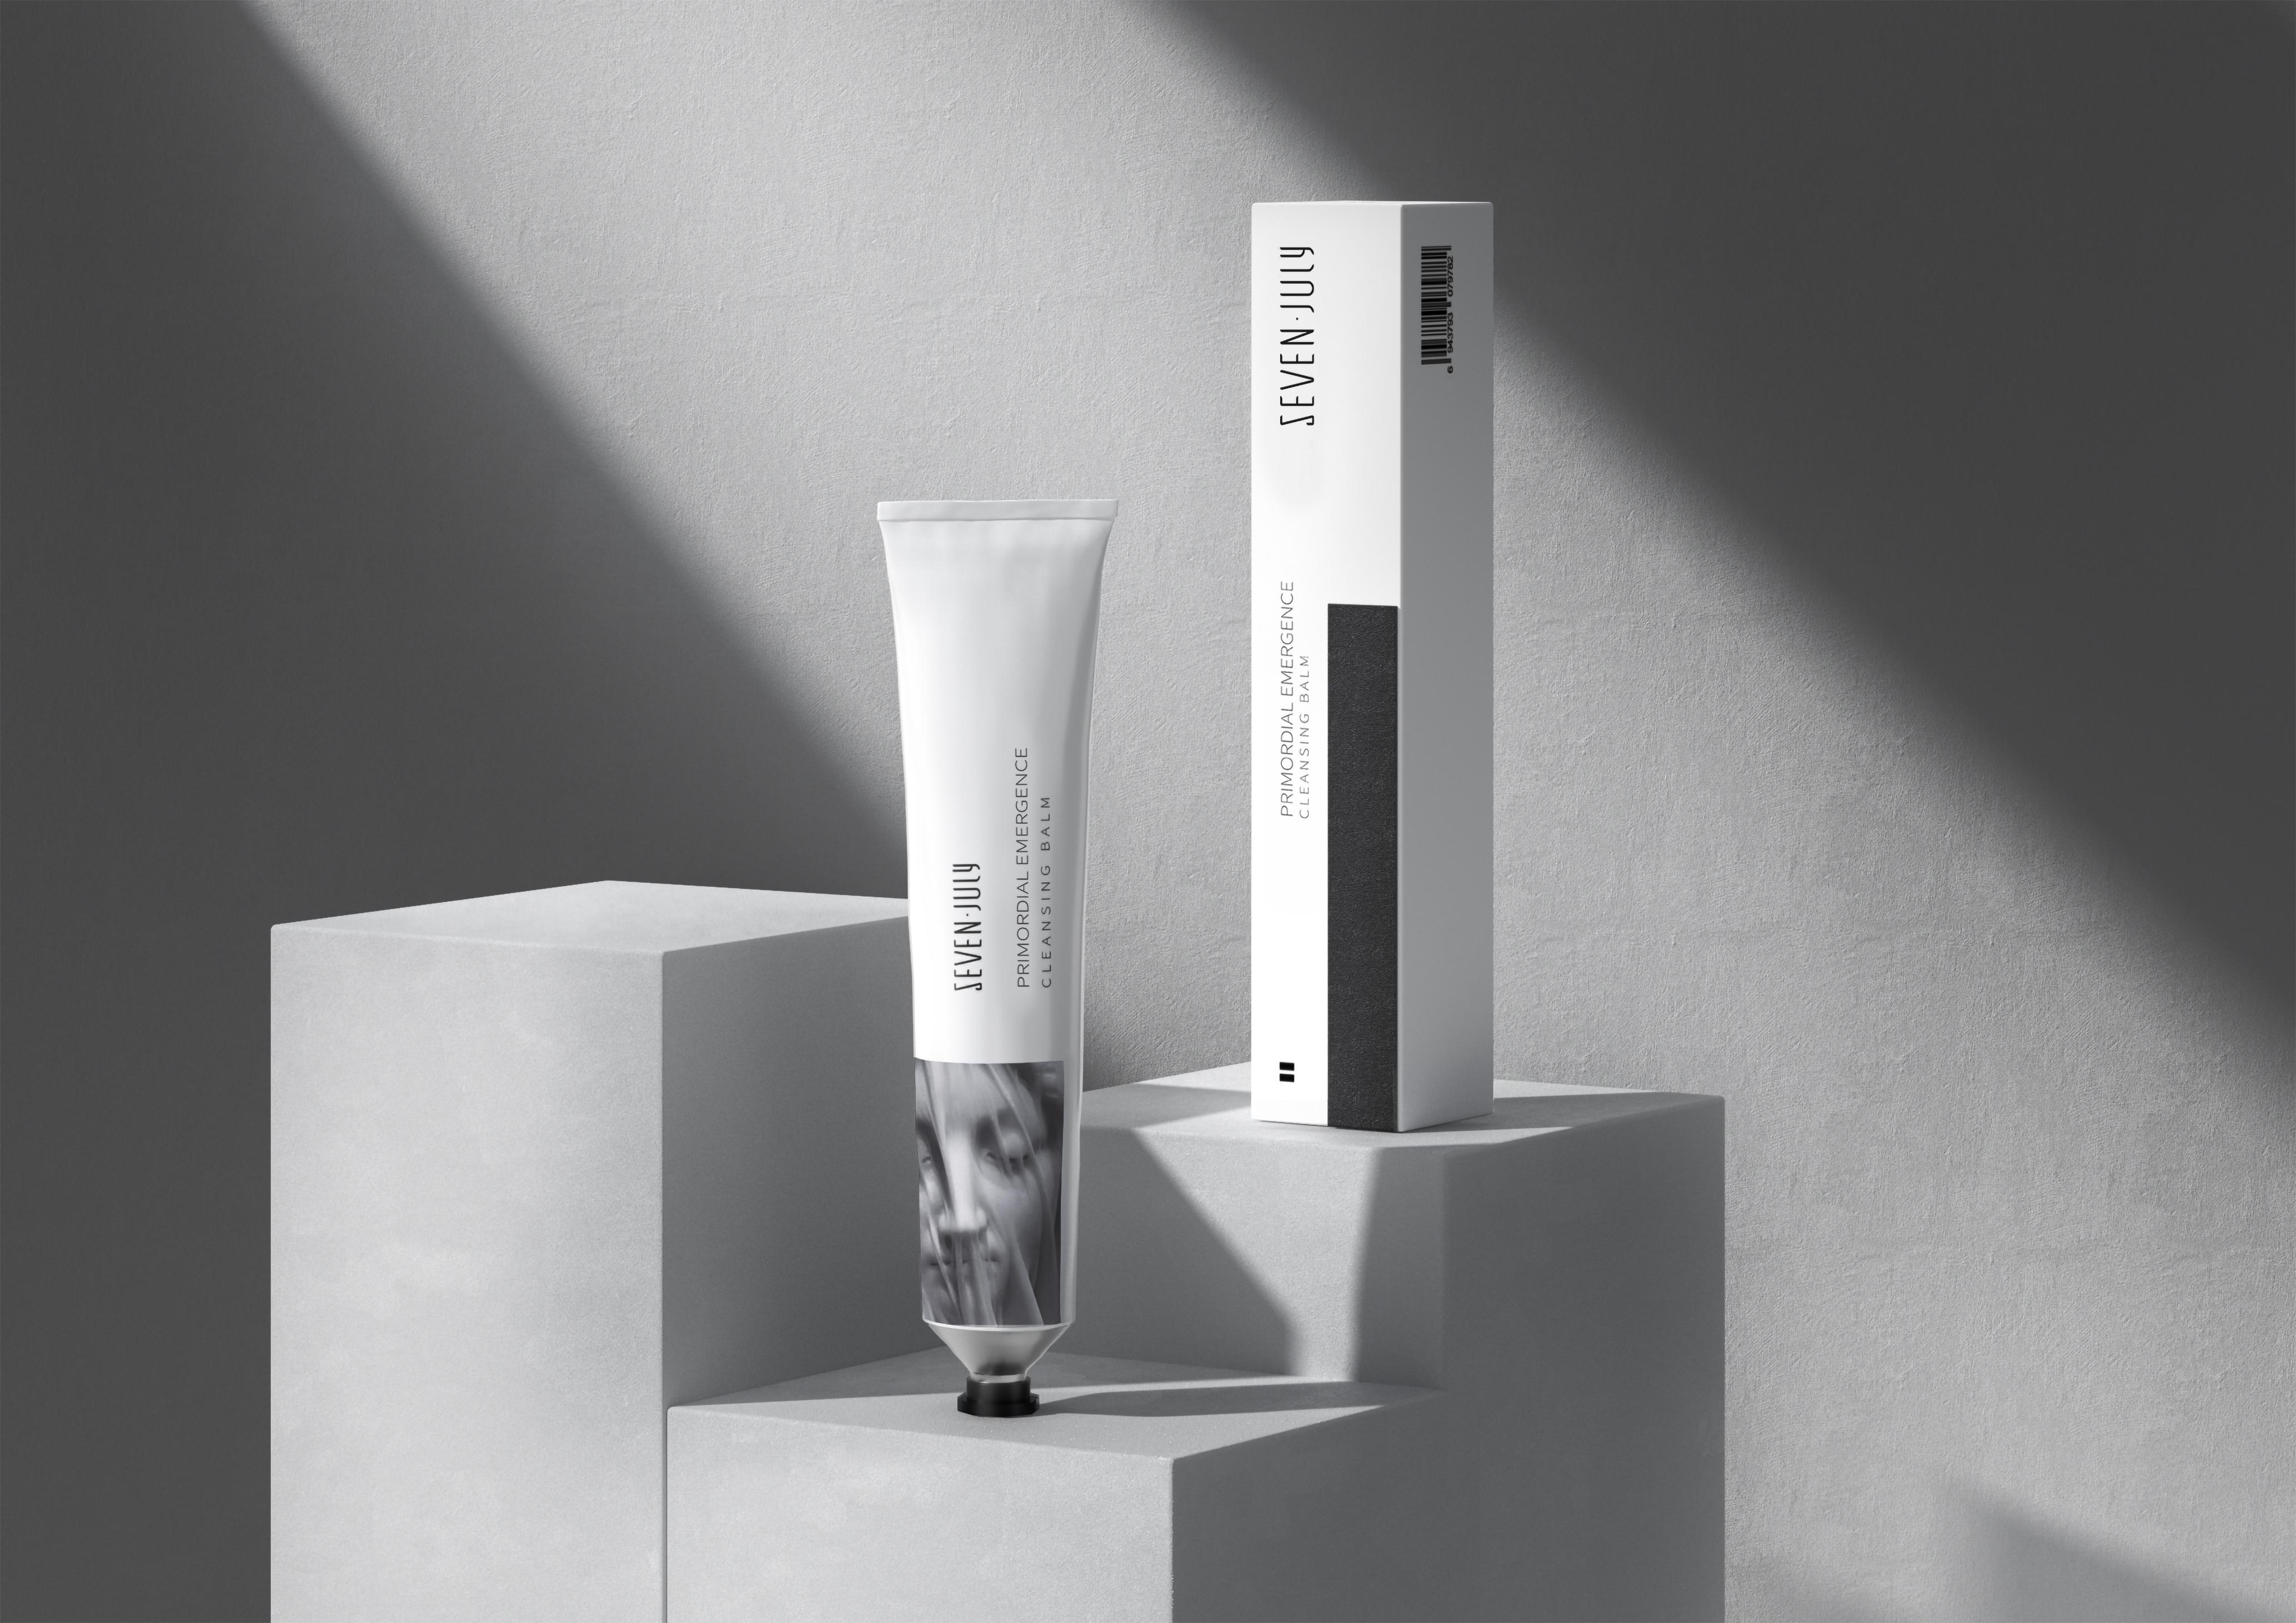 36氪首发 | 「SEVEN · JULY」完成数百万元种子轮融资,做性别友好型的国货设计师彩妆产品